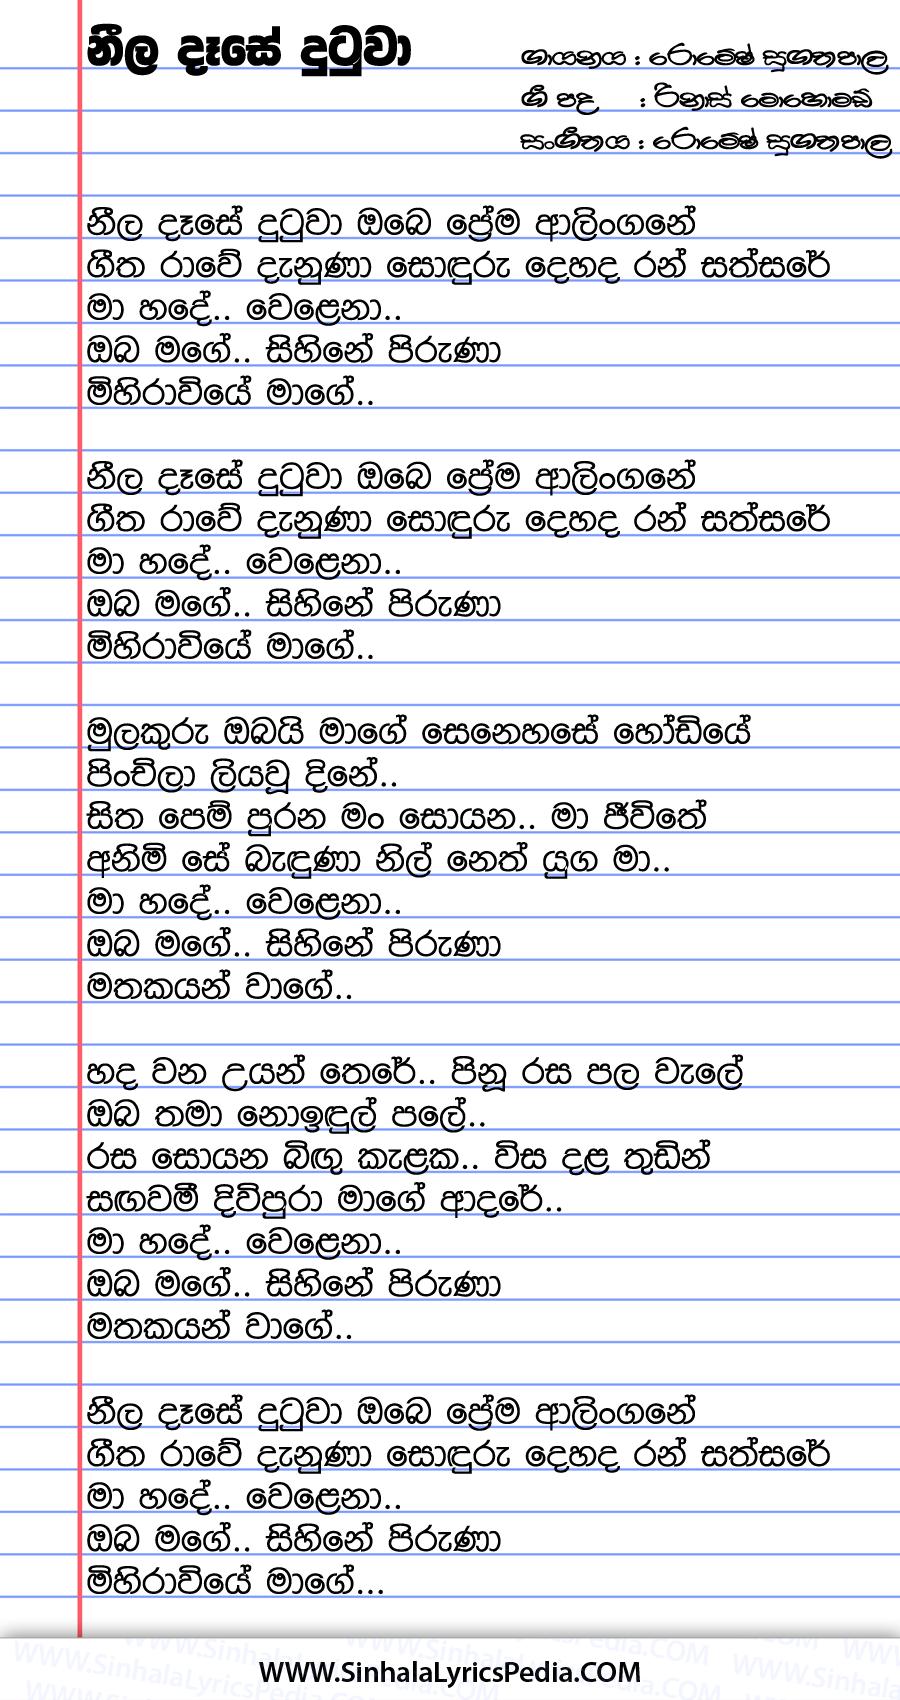 Neela Dase Dutuwa Obe Preama Alingane Song Lyrics